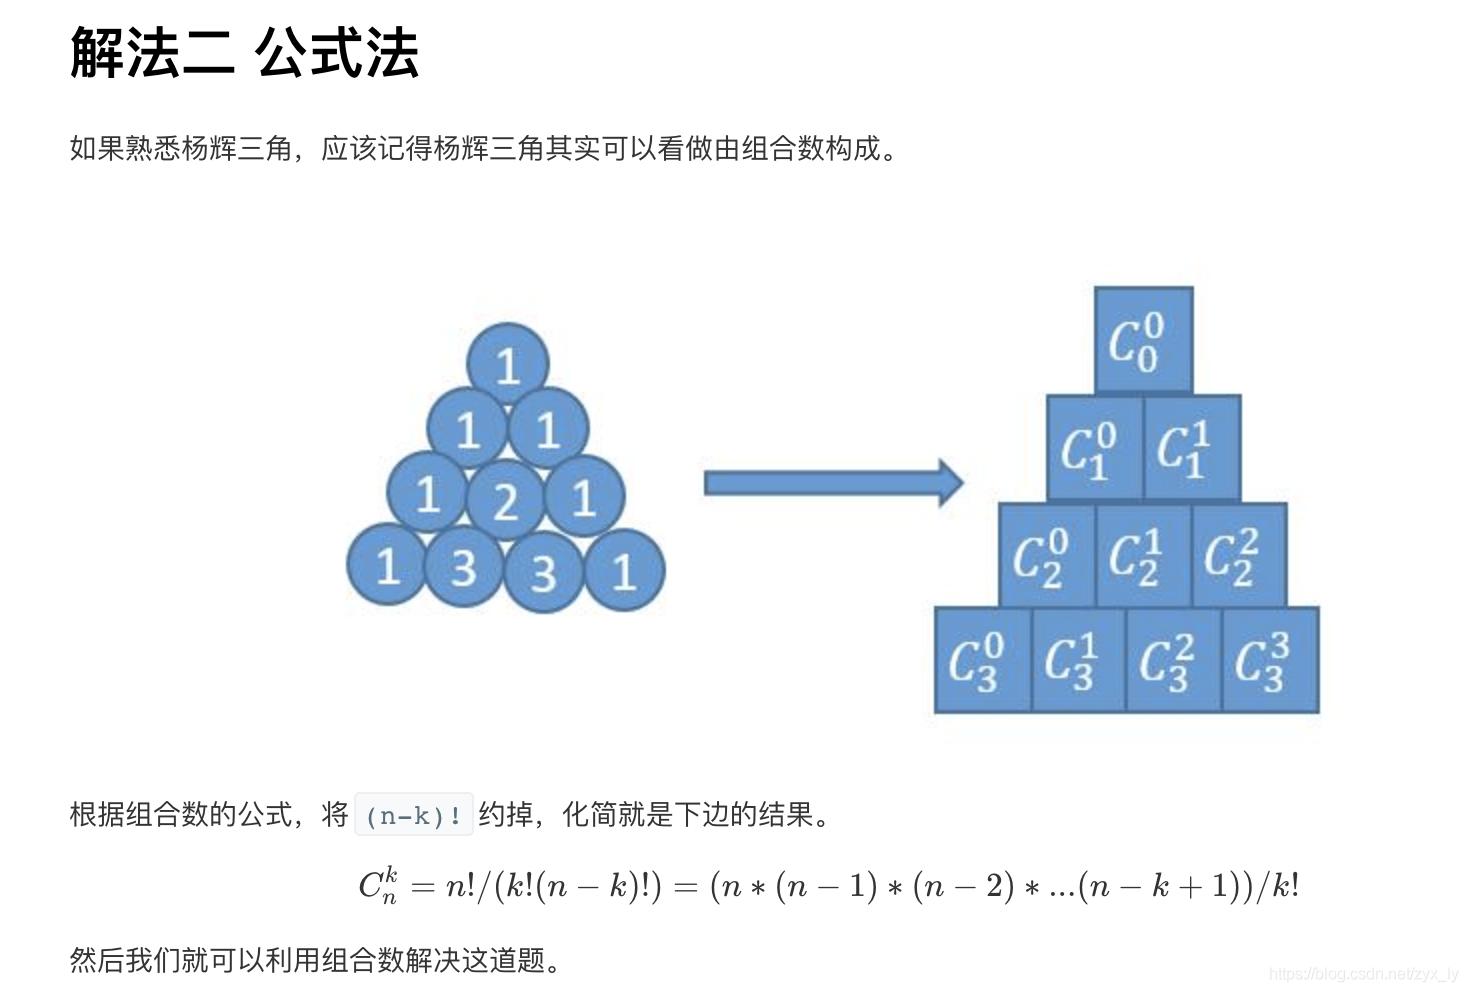 三角形函数公式表图